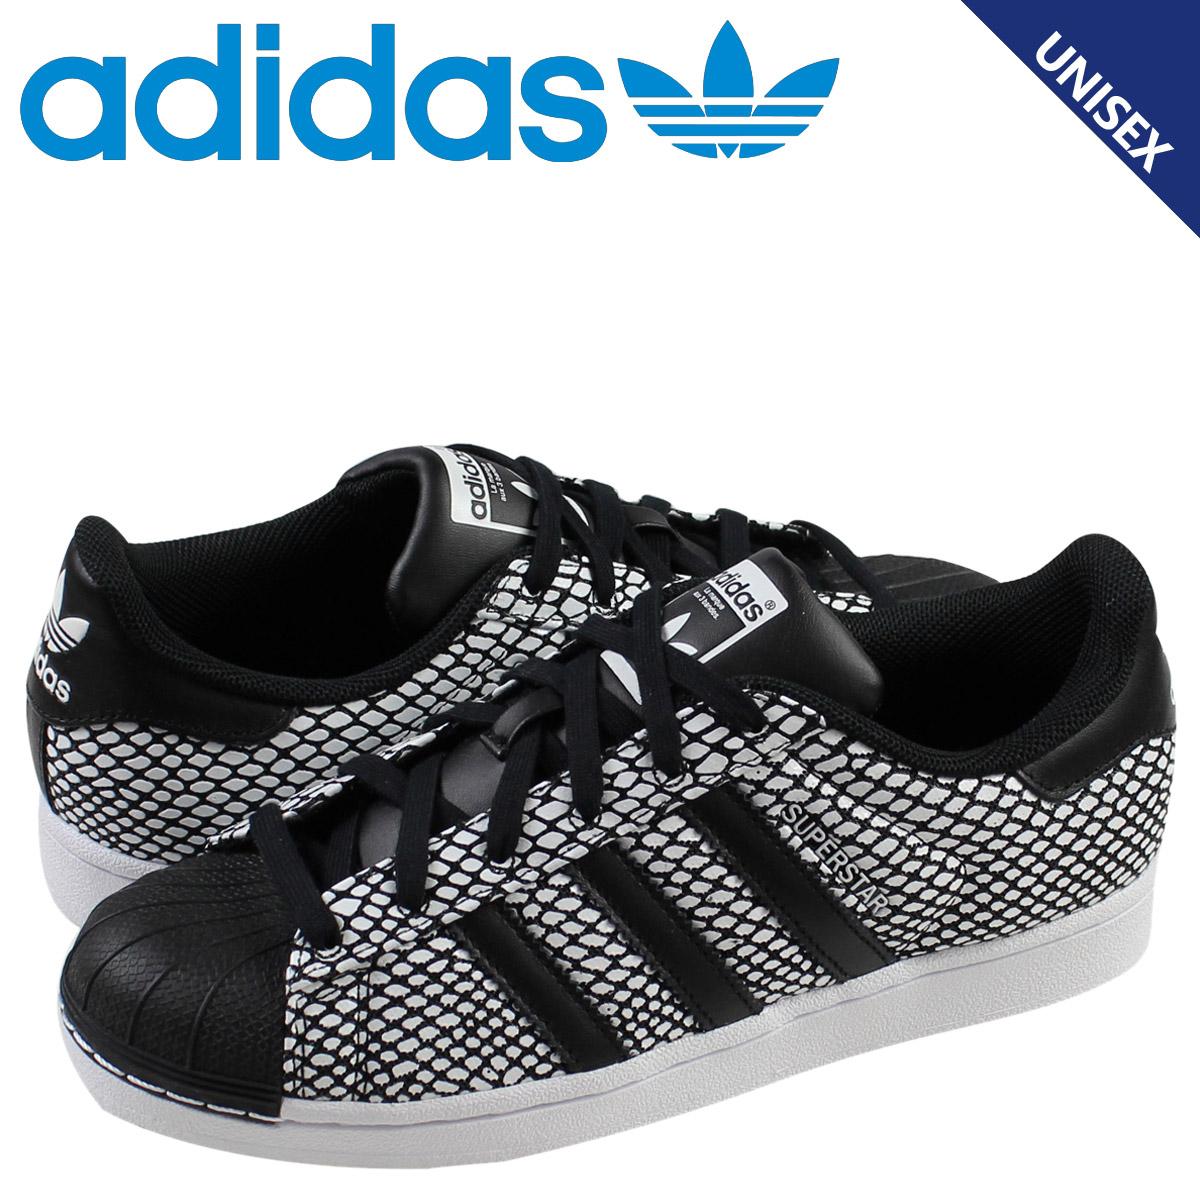 dbhtt Whats up Sports | Rakuten Global Market: adidas Originals adidas